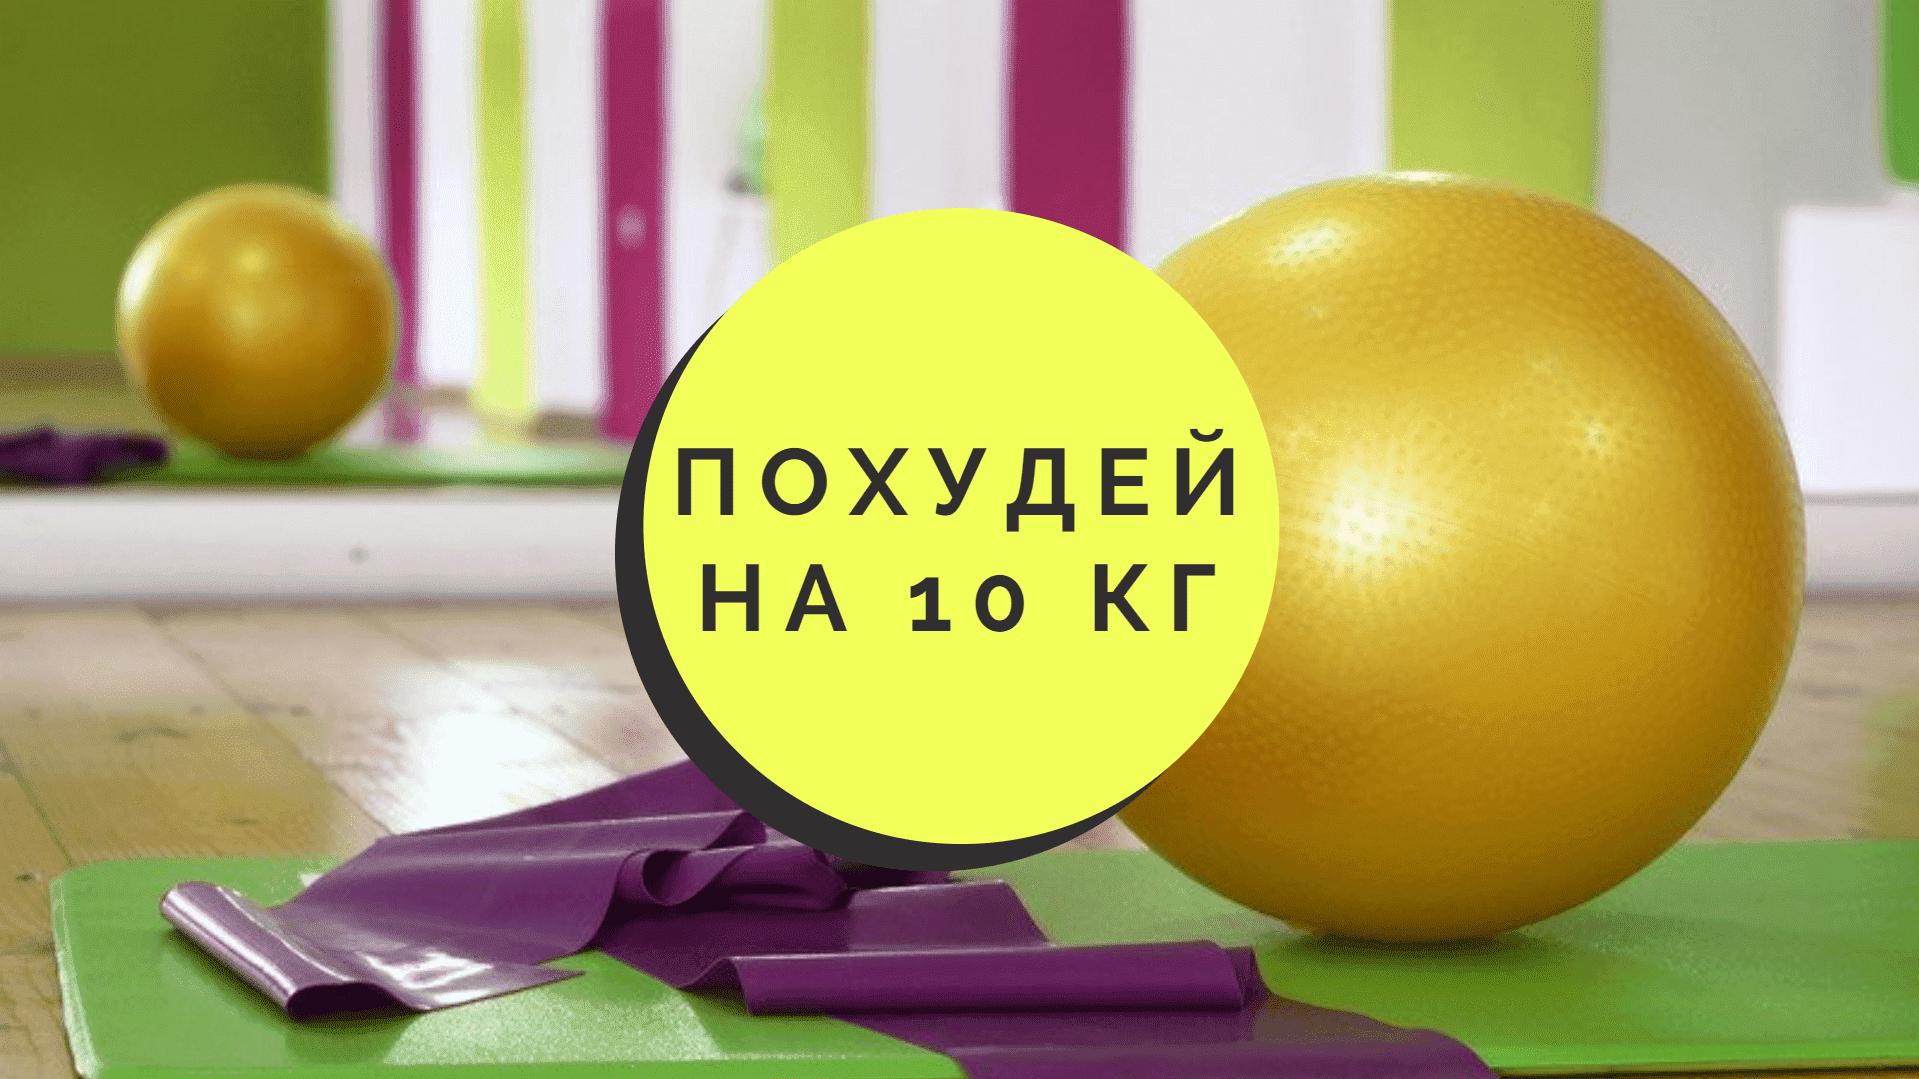 Как похудеть на 10 кг за неделю без вреда для здоровья